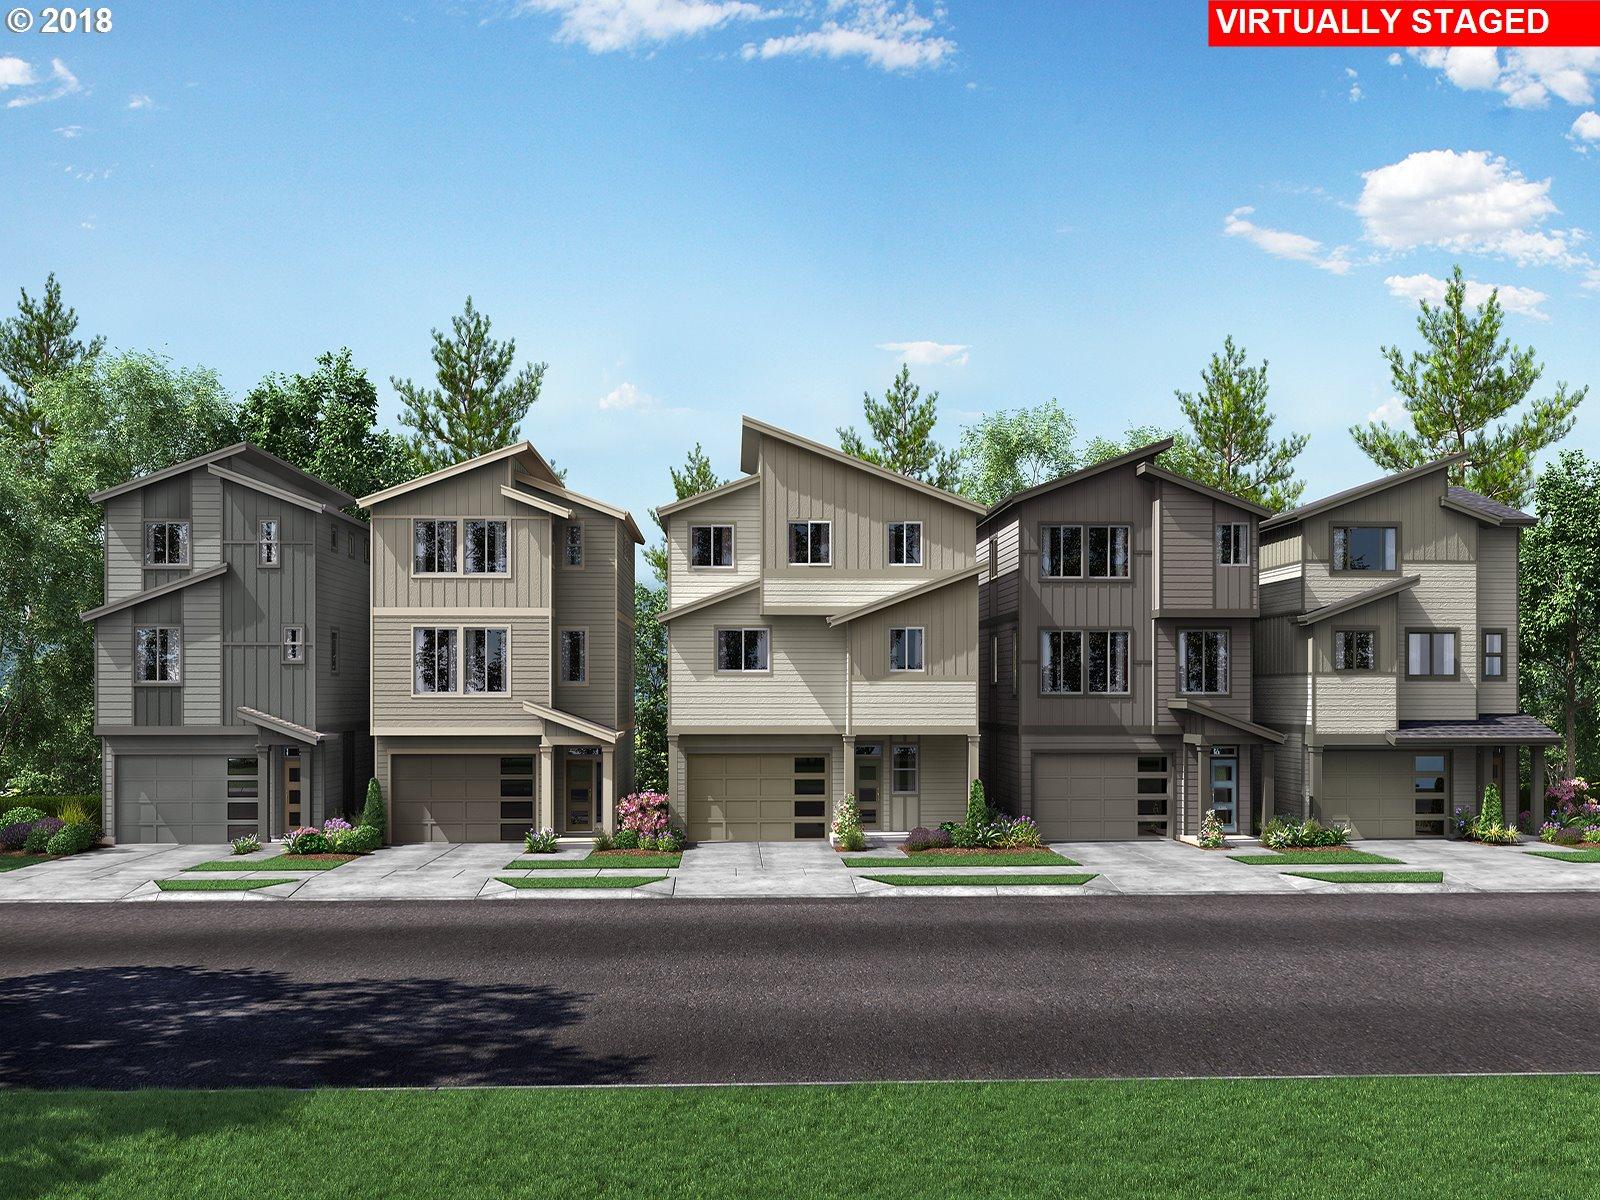 16700 SE FOX GLEN CT Happy Valley, OR 97015 - MLS #: 18448495